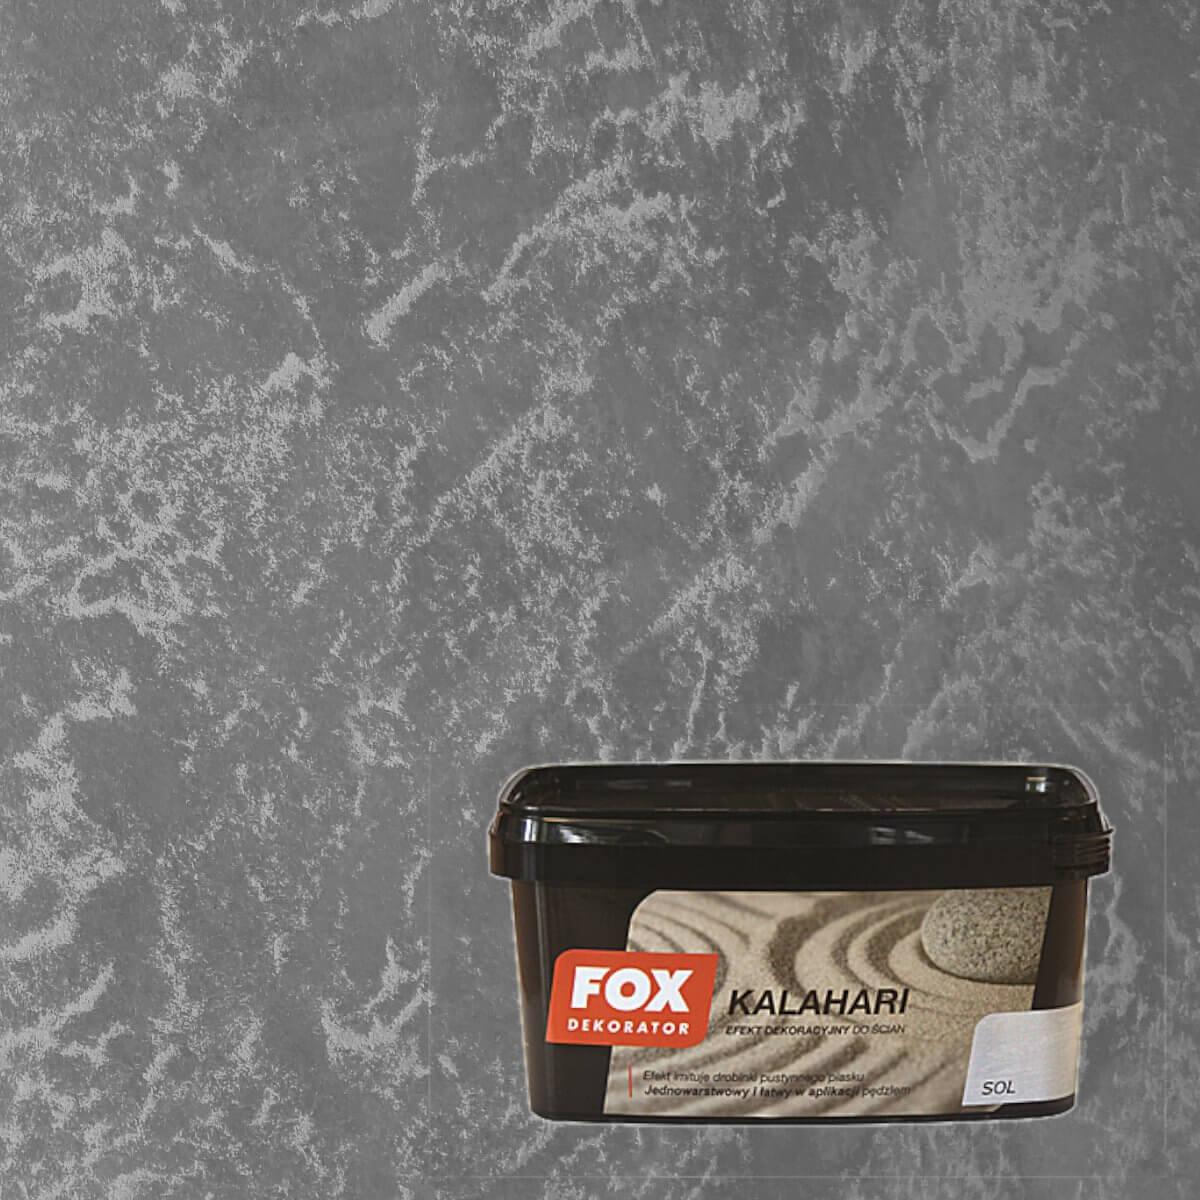 Farba Dekoracyjna Kalahari Noctis 1l Fox